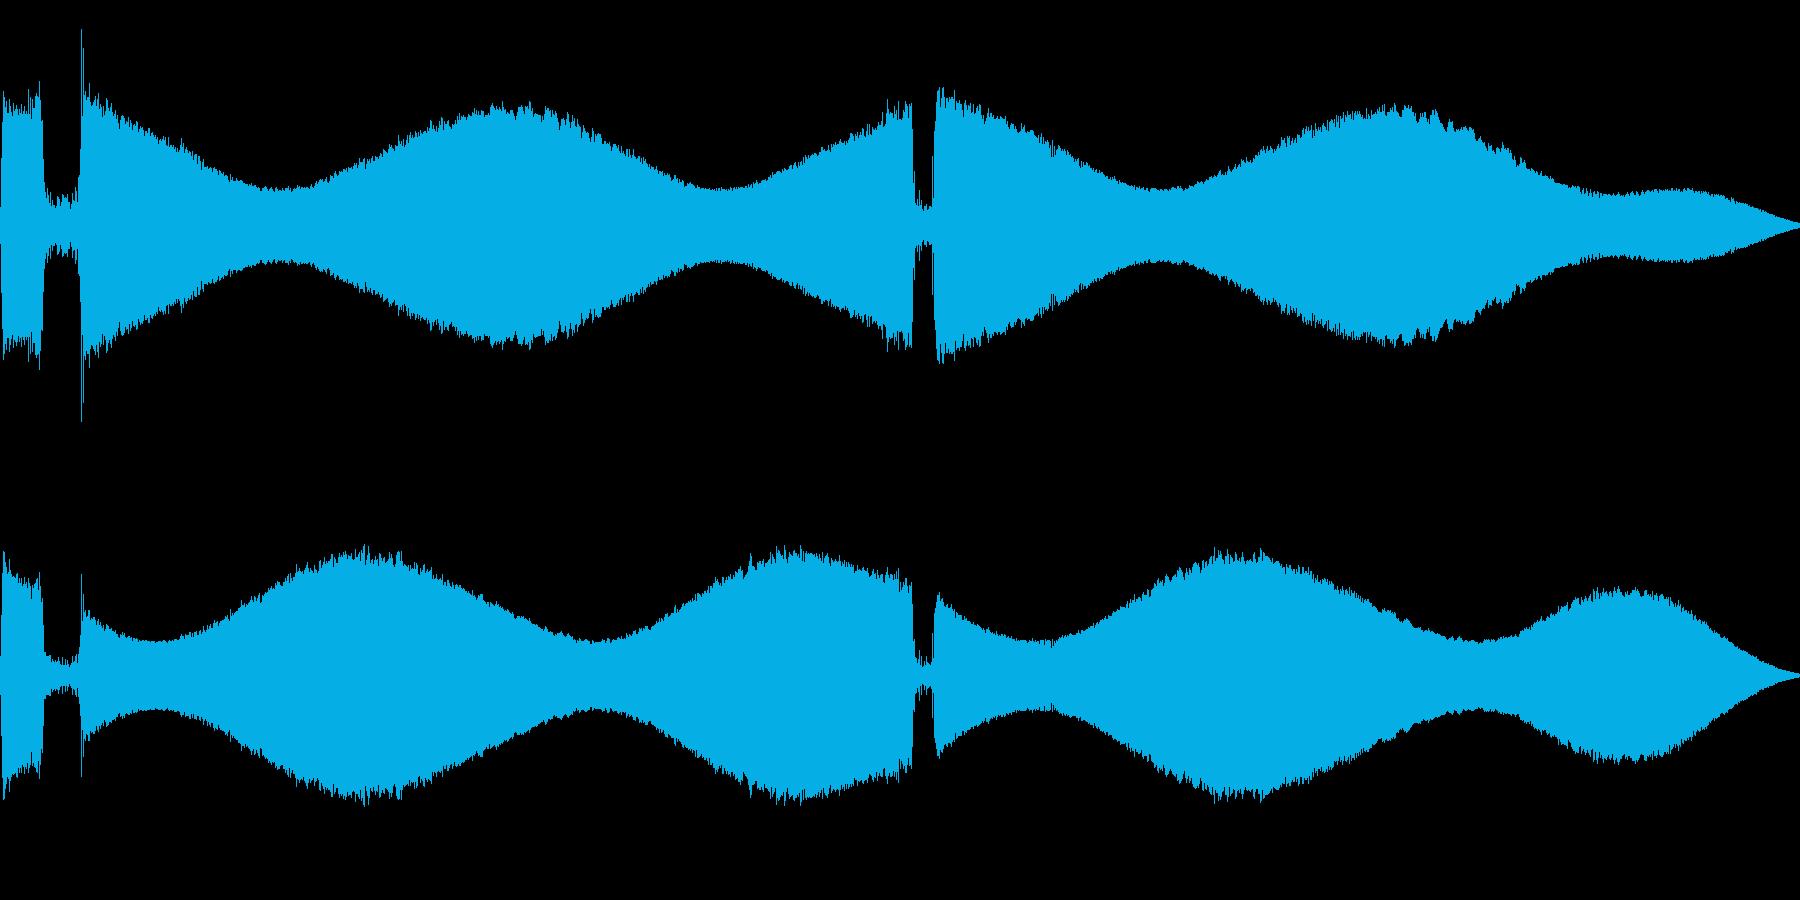 [効果音]ピポパポ、着信音の再生済みの波形